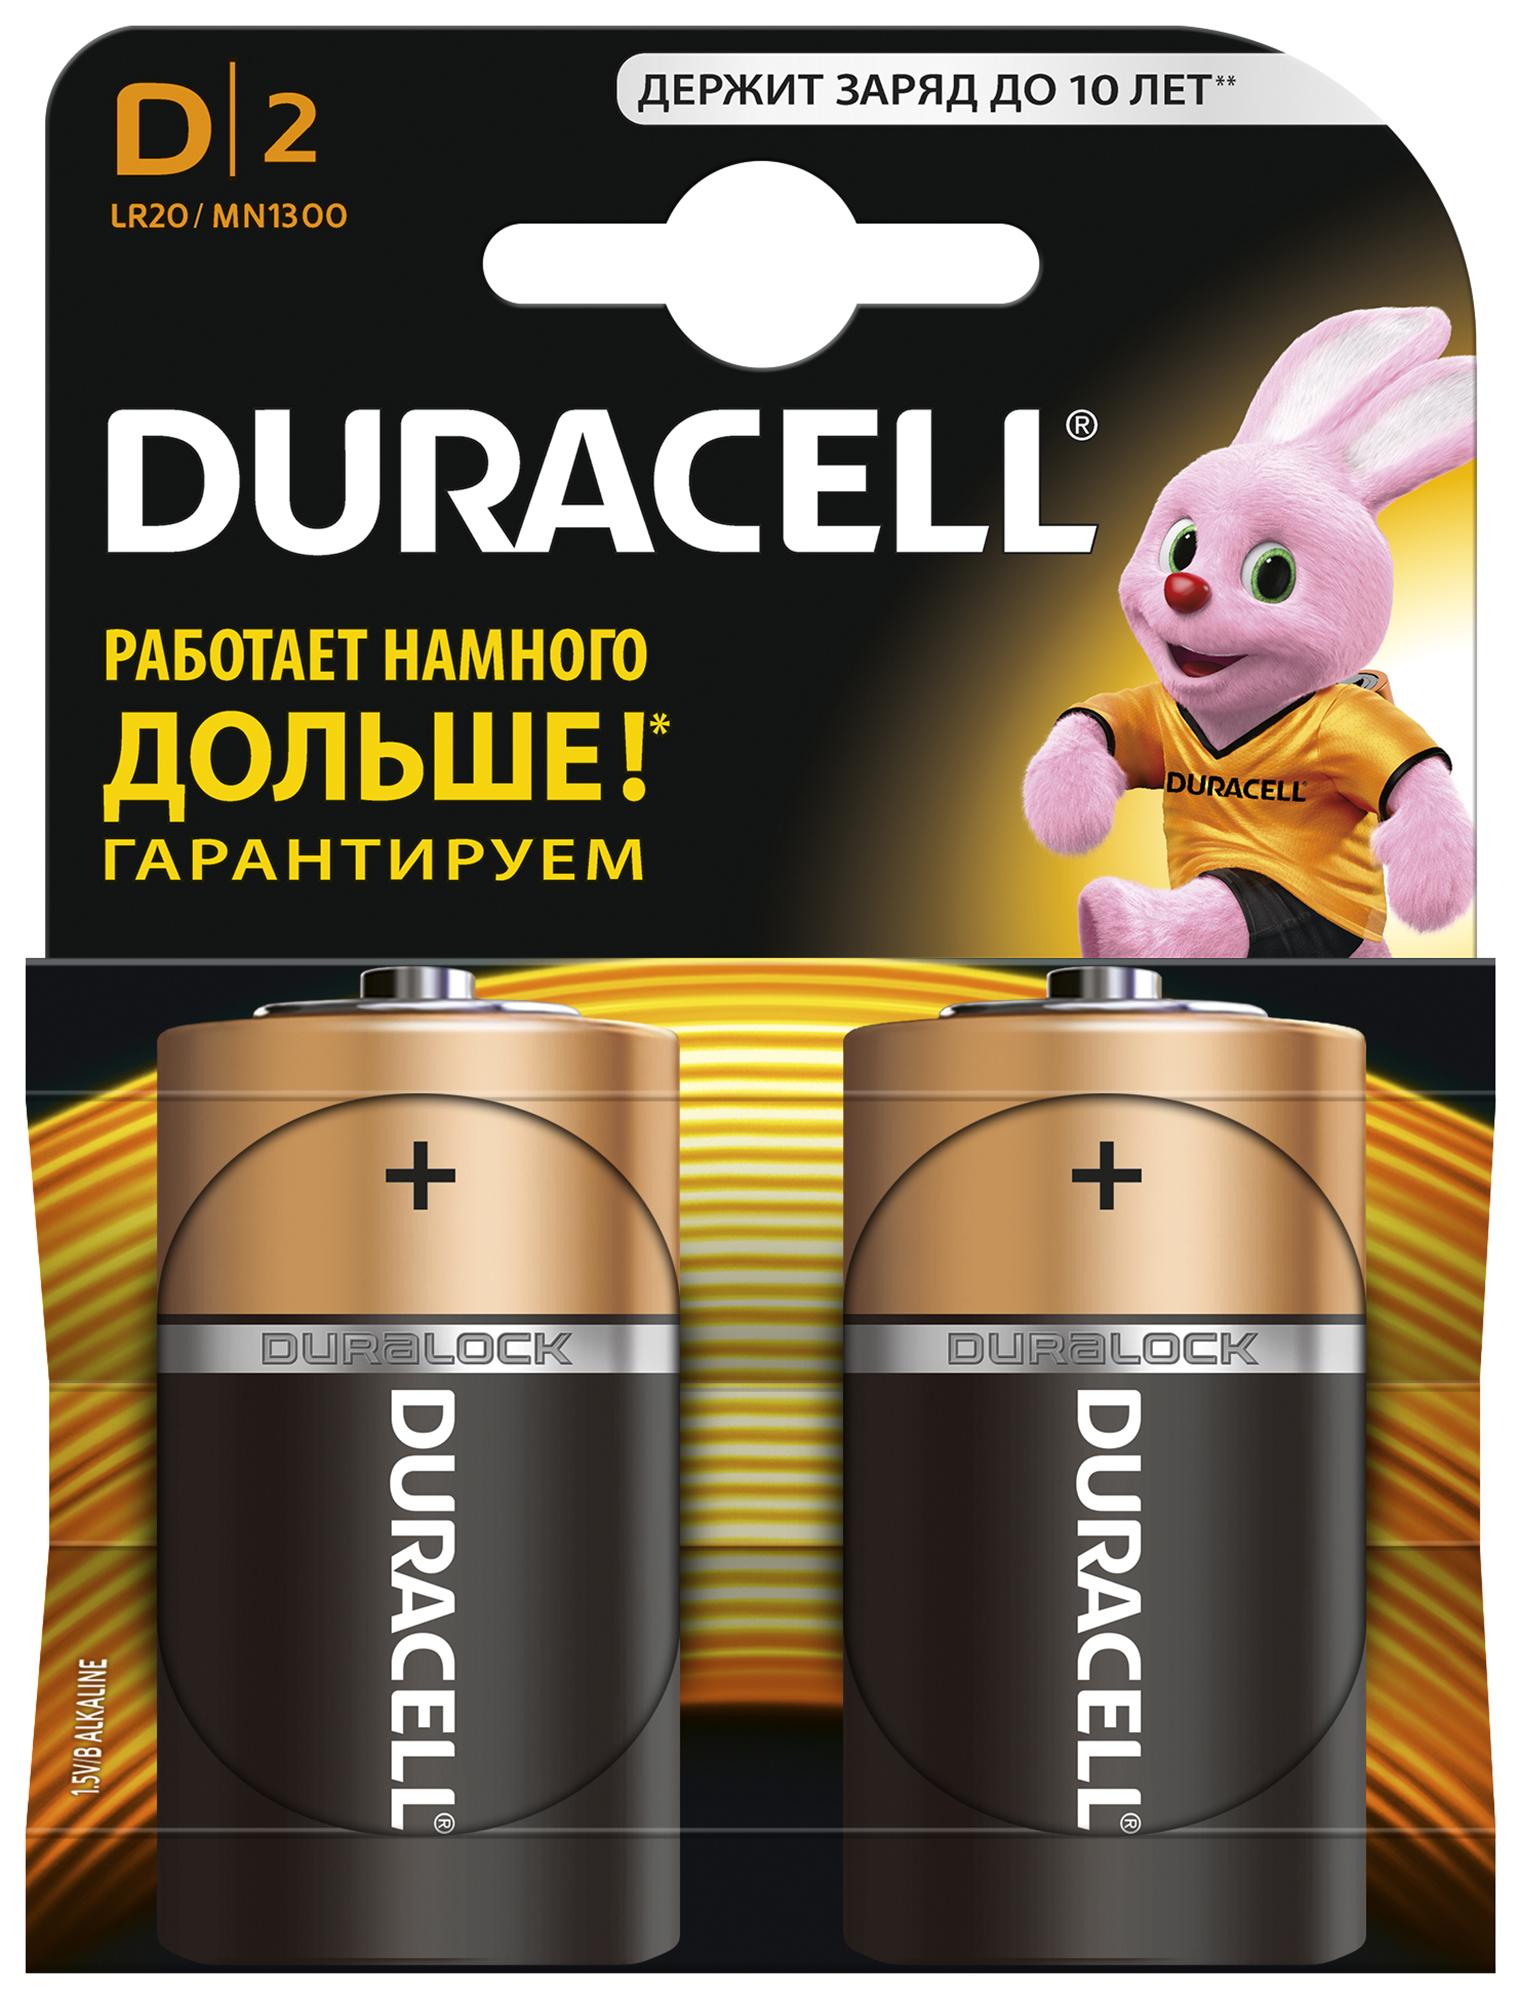 цена на Duracell Батарейки щелочные Duracell Basic D/LR20, 2 шт.